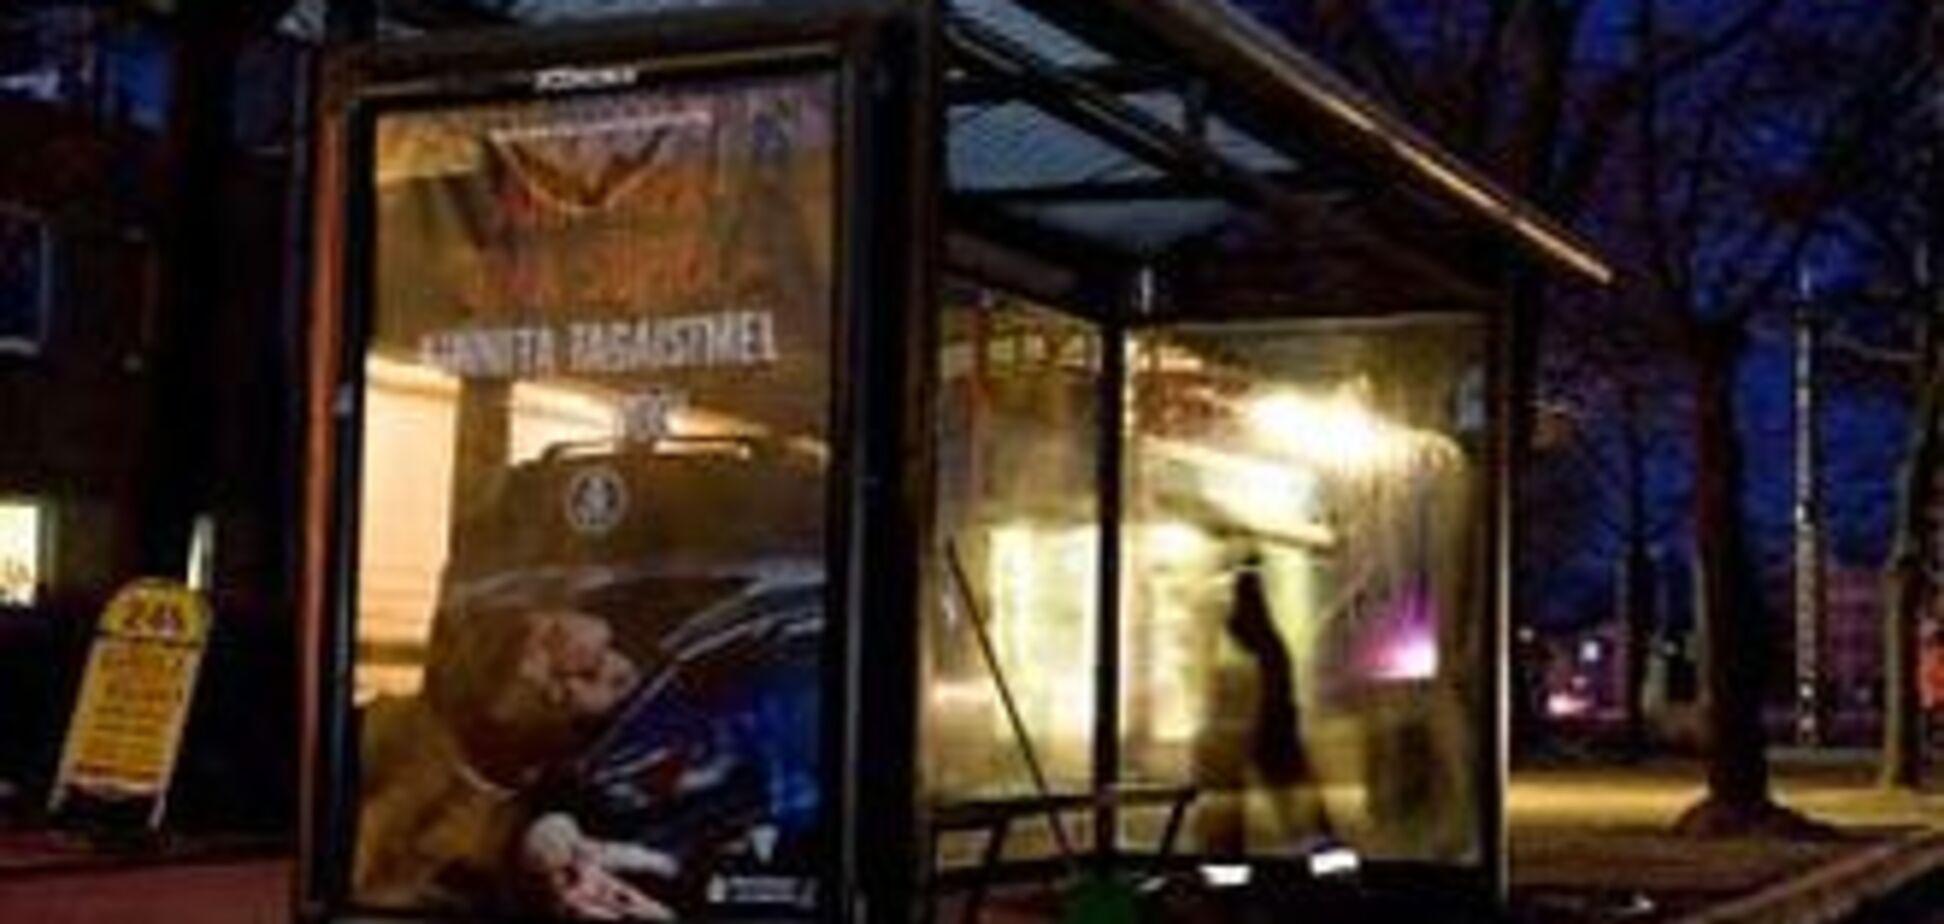 Естонські злодії намагалися викрасти зупинку, але не встигли